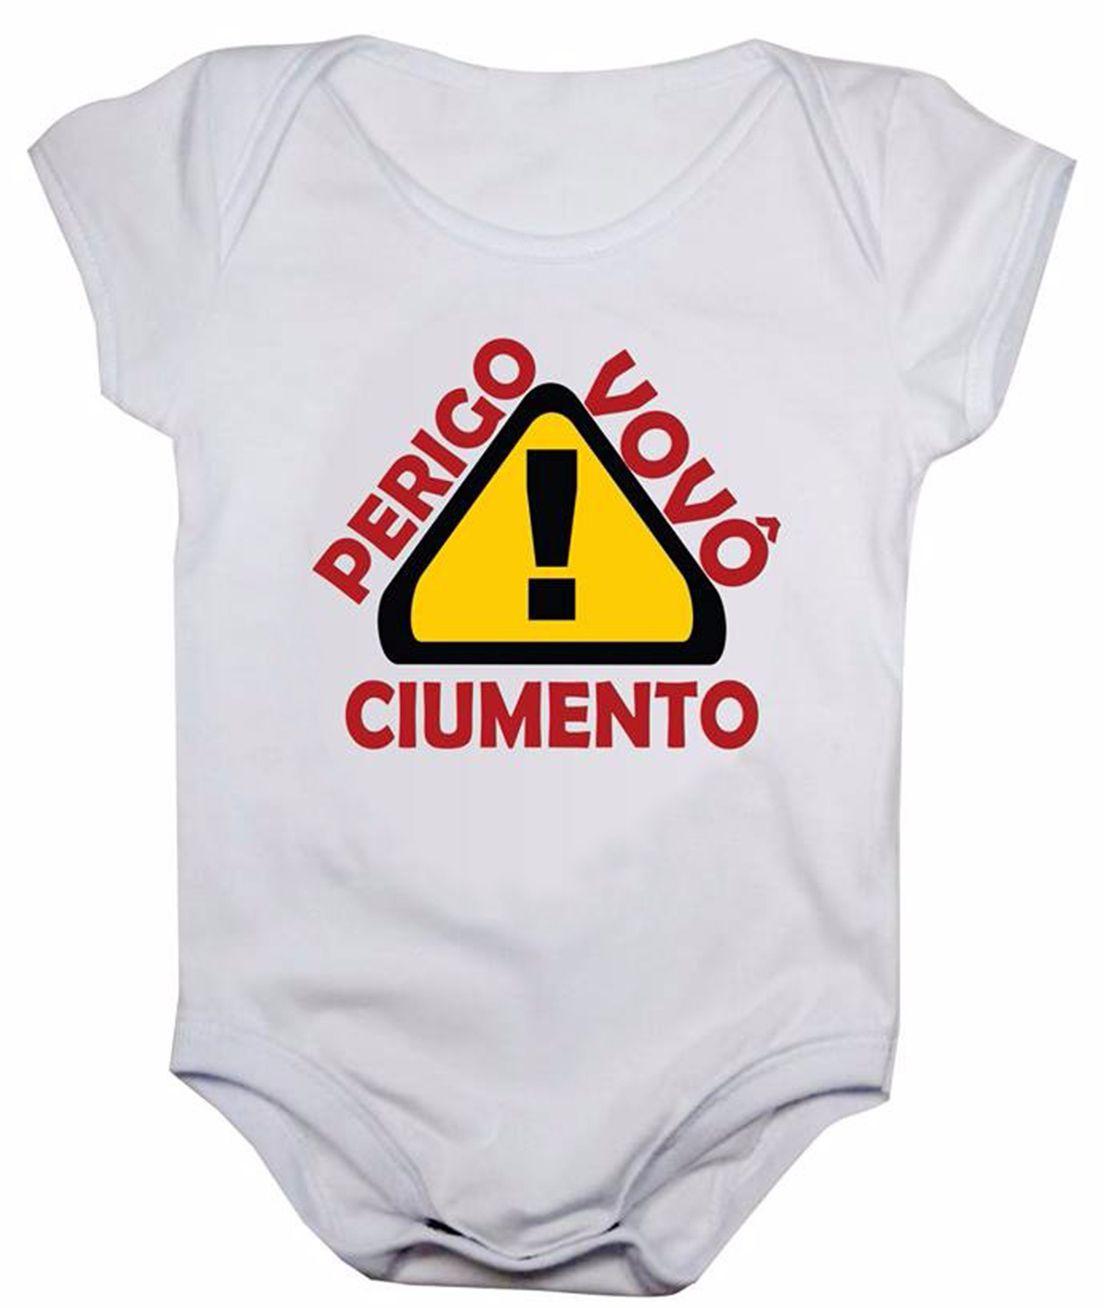 Body de bebê manga curta estampa perigo vovô ciumento